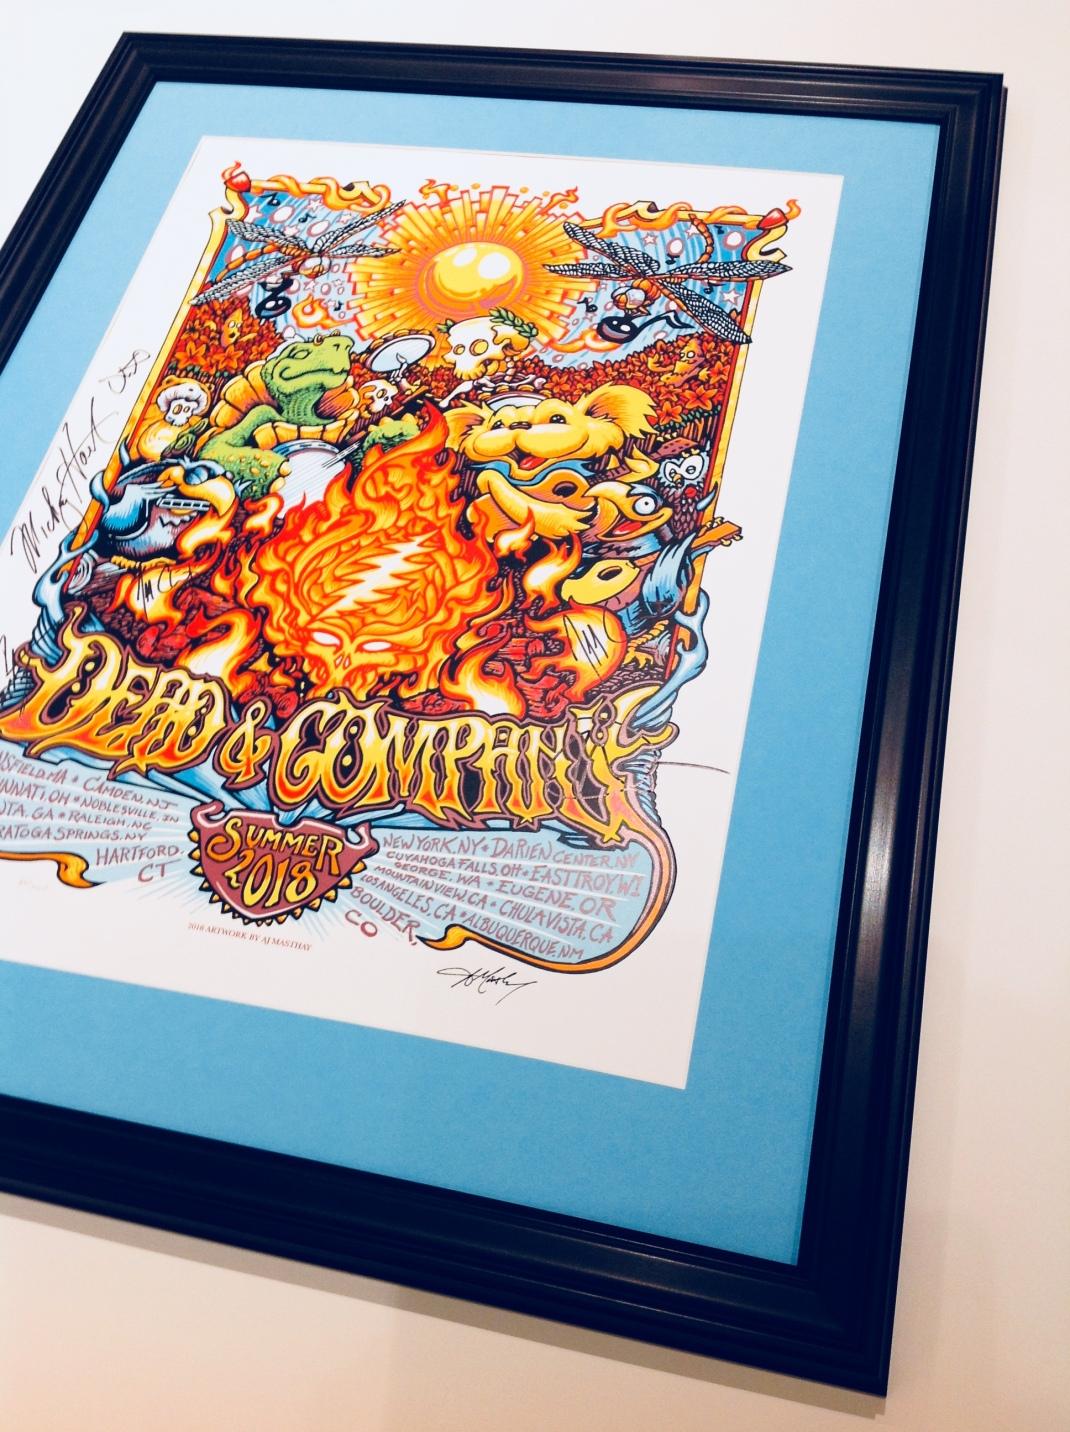 Custom Framed Concert poster